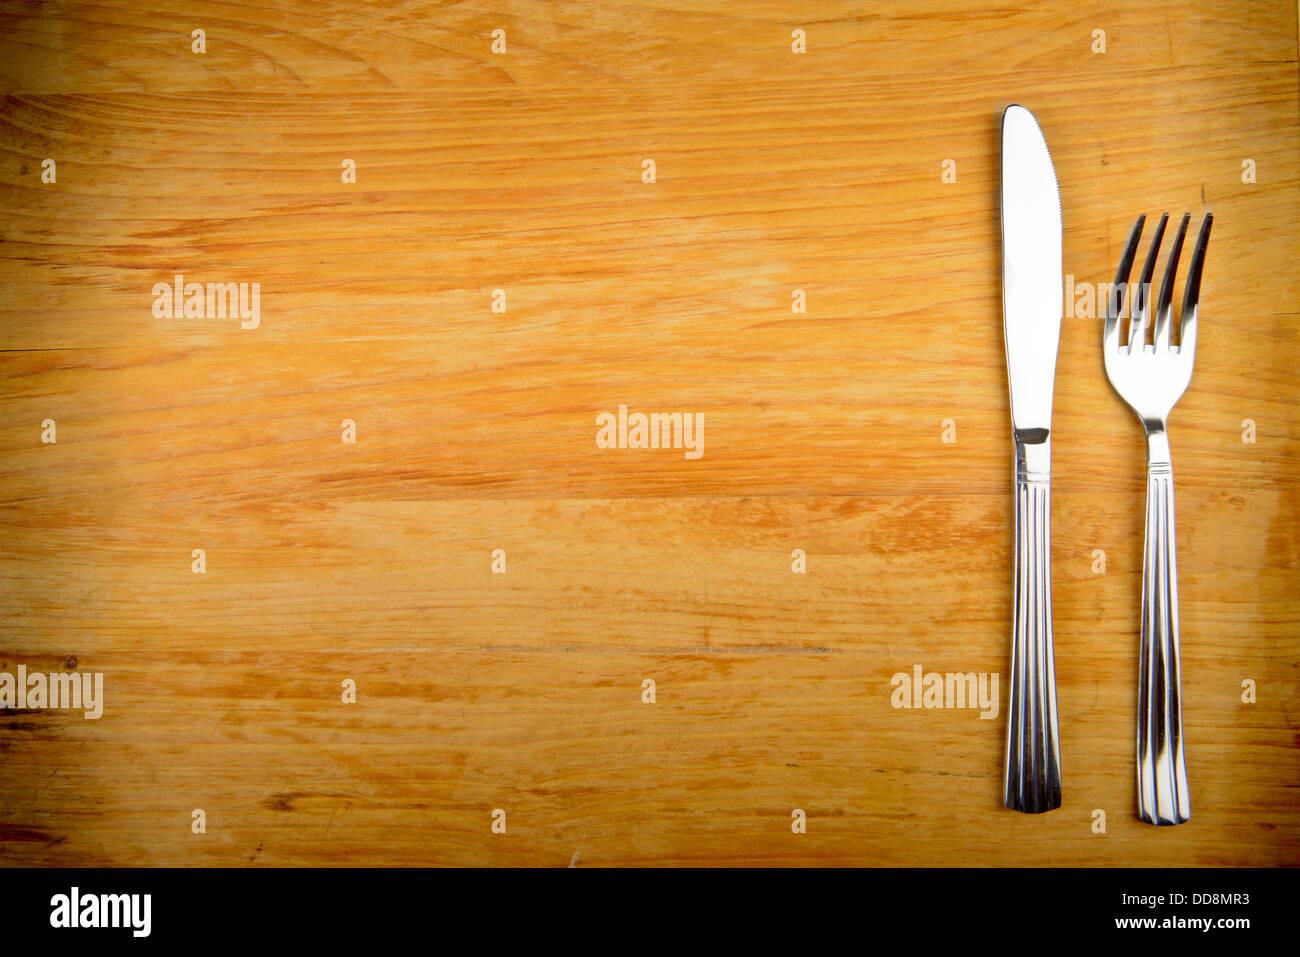 Cuchillo y tenedor de mesa de madera Imagen De Stock